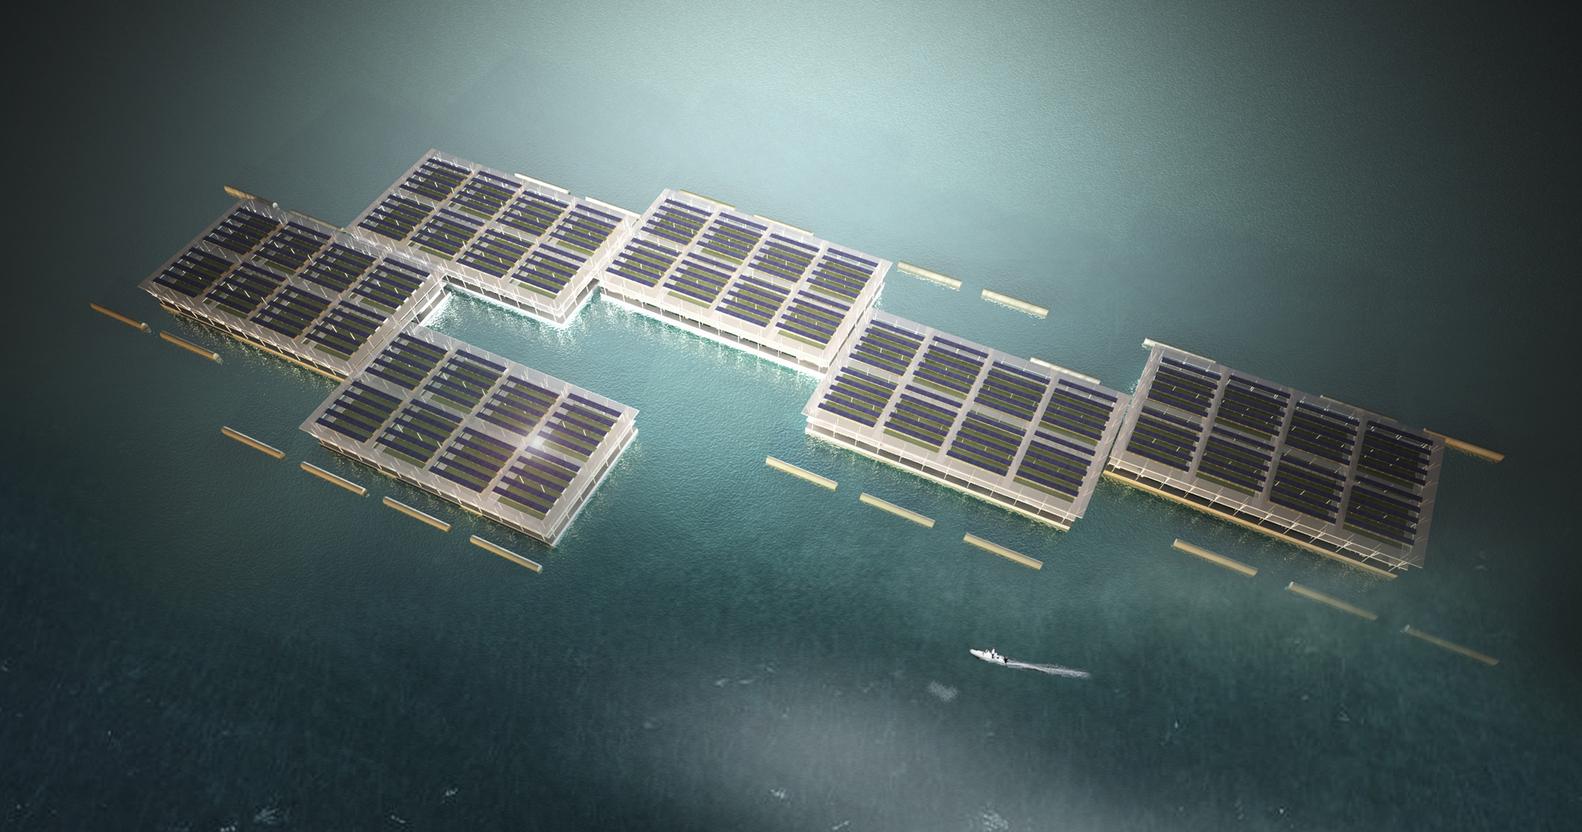 2-fazendas-flutuantes-forward-thinking-architecture